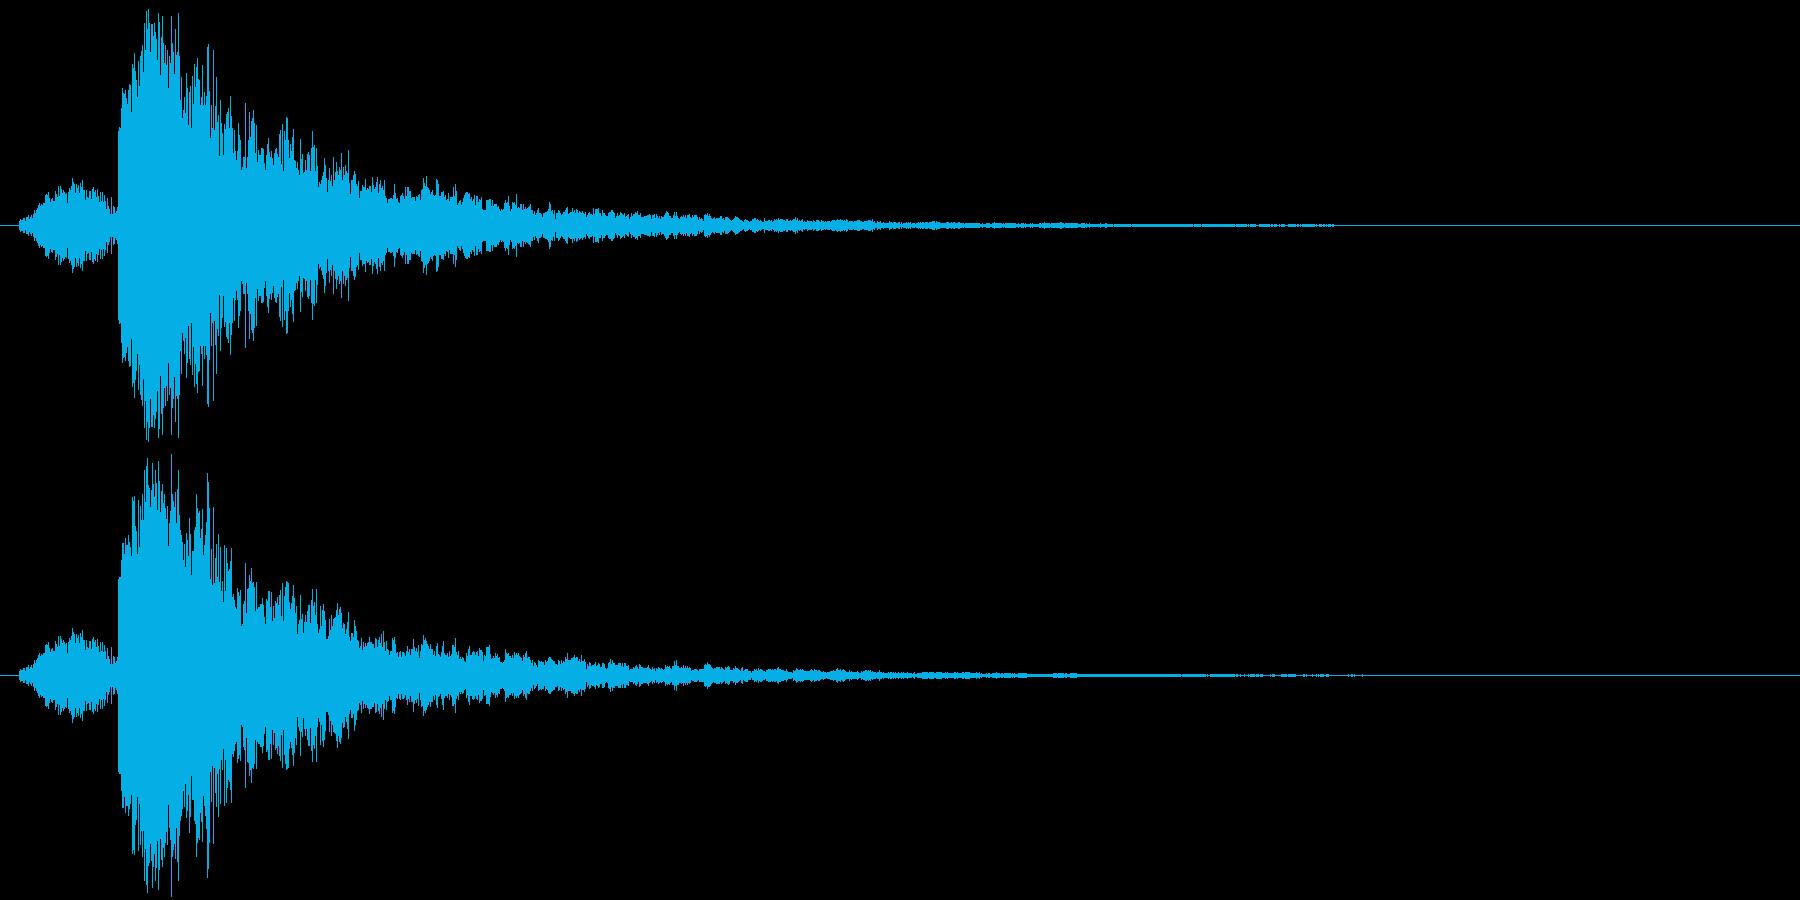 シャキーン 衝撃 金属音 定番の再生済みの波形